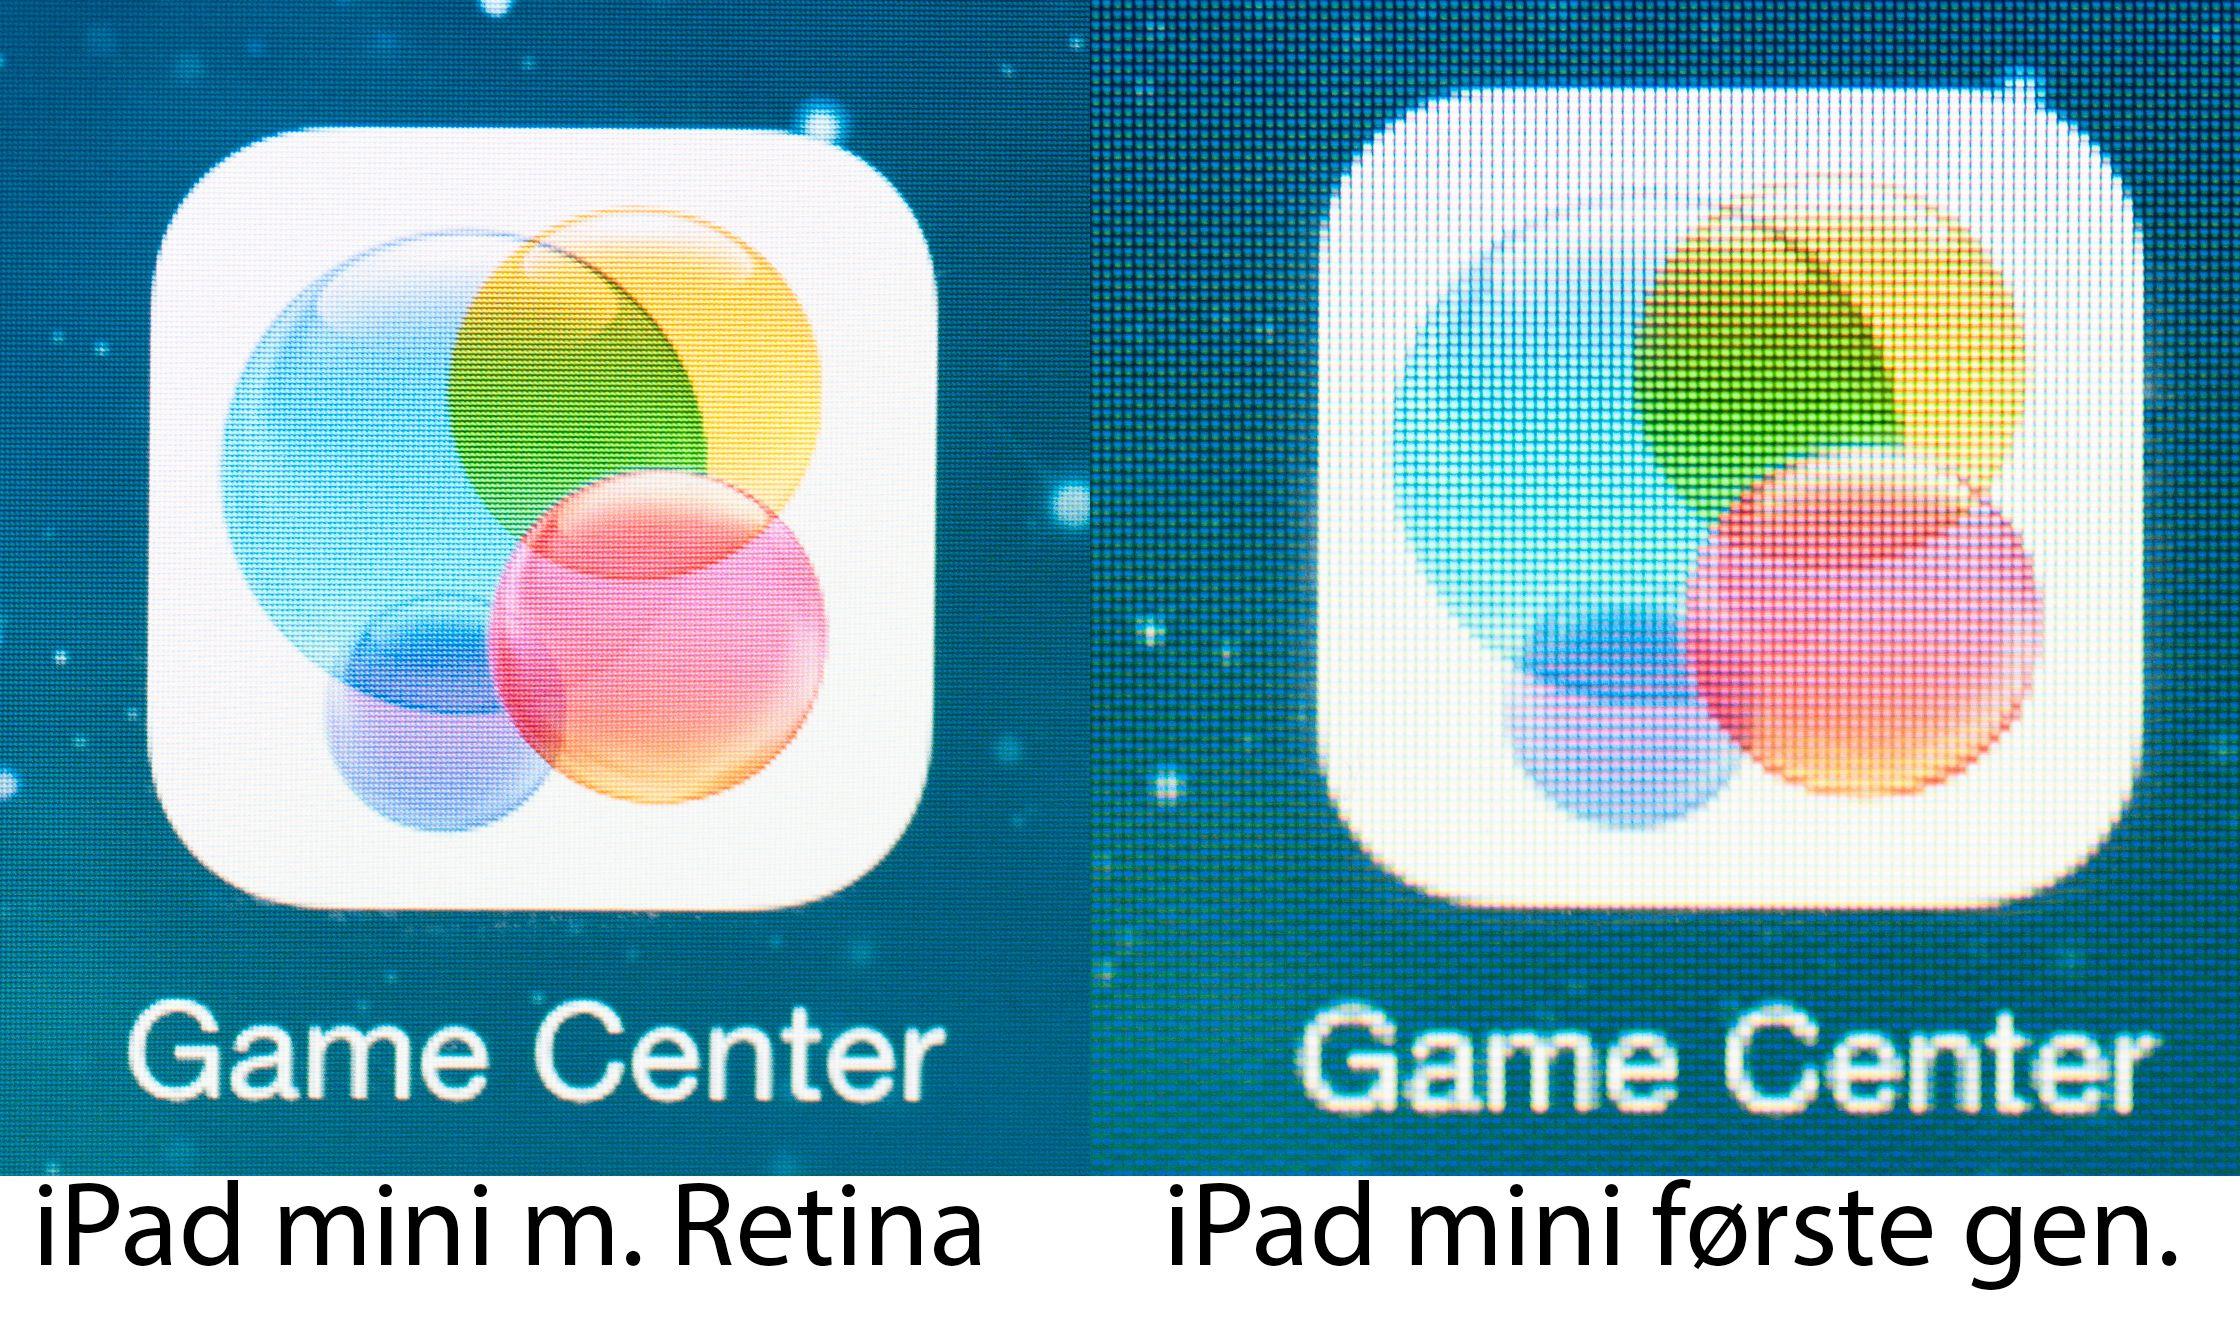 Det er stor forskjell på skjermene i første og andre generasjon iPad mini. Se full størrelse for best inntrykk av forskjellene.Foto: Finn Jarle Kvalheim, Amobil.no